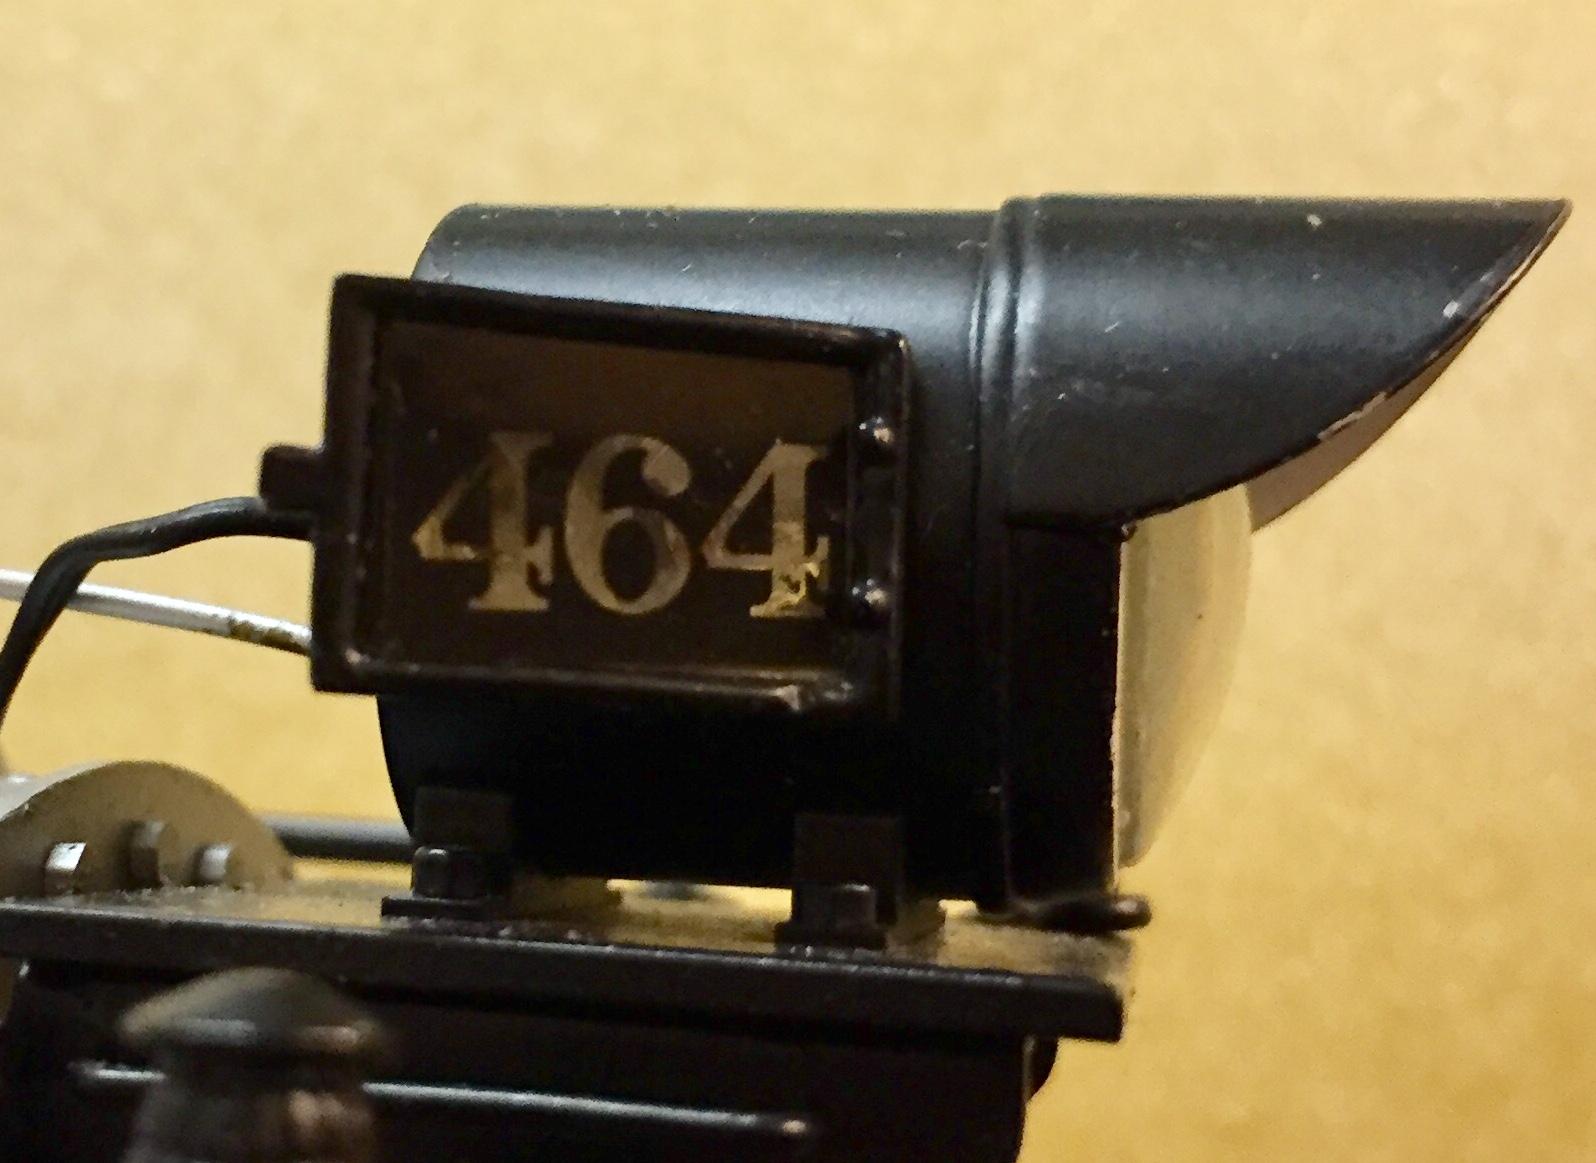 70B7754E-6169-43E8-A325-A6F92E6E7349.jpeg